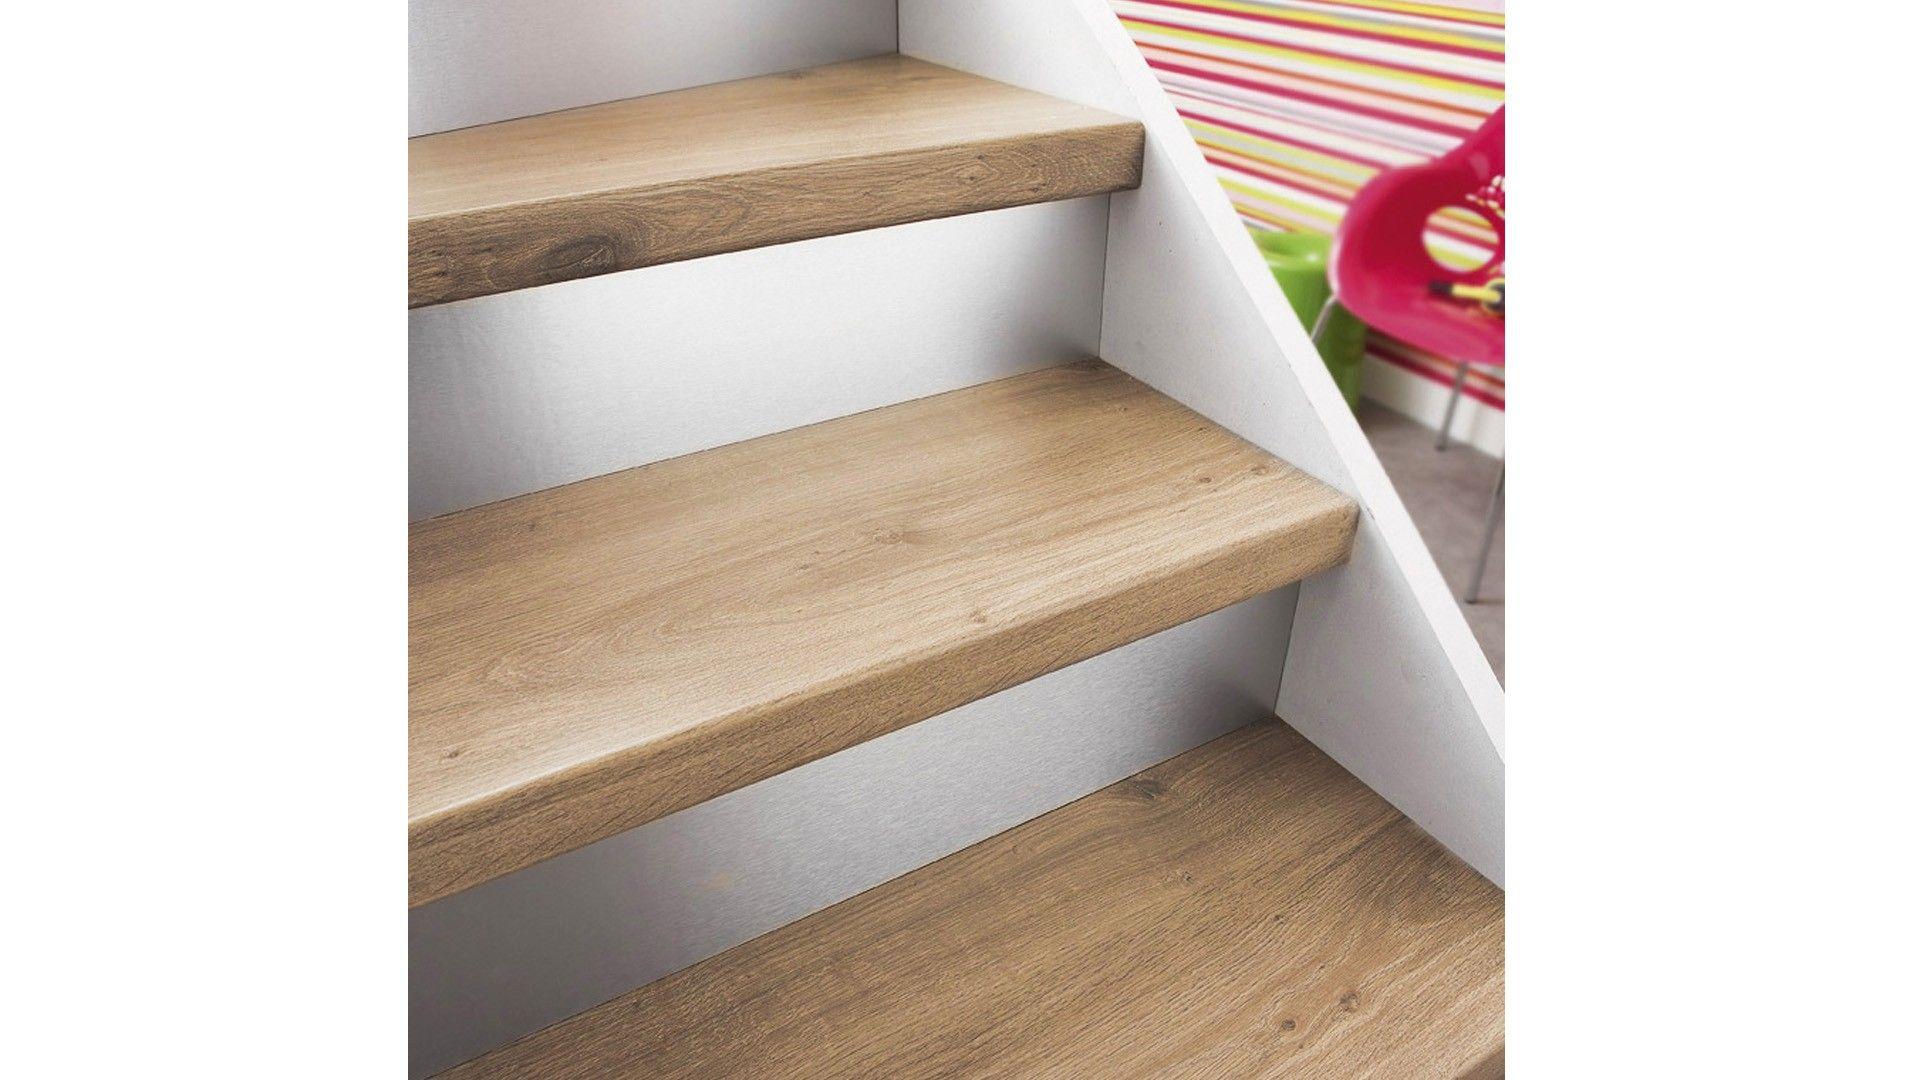 Kit De Marche Renovation D Escalier Chene Clair Habillage Escalier Renovation Escalier Bois Escalier Relooking